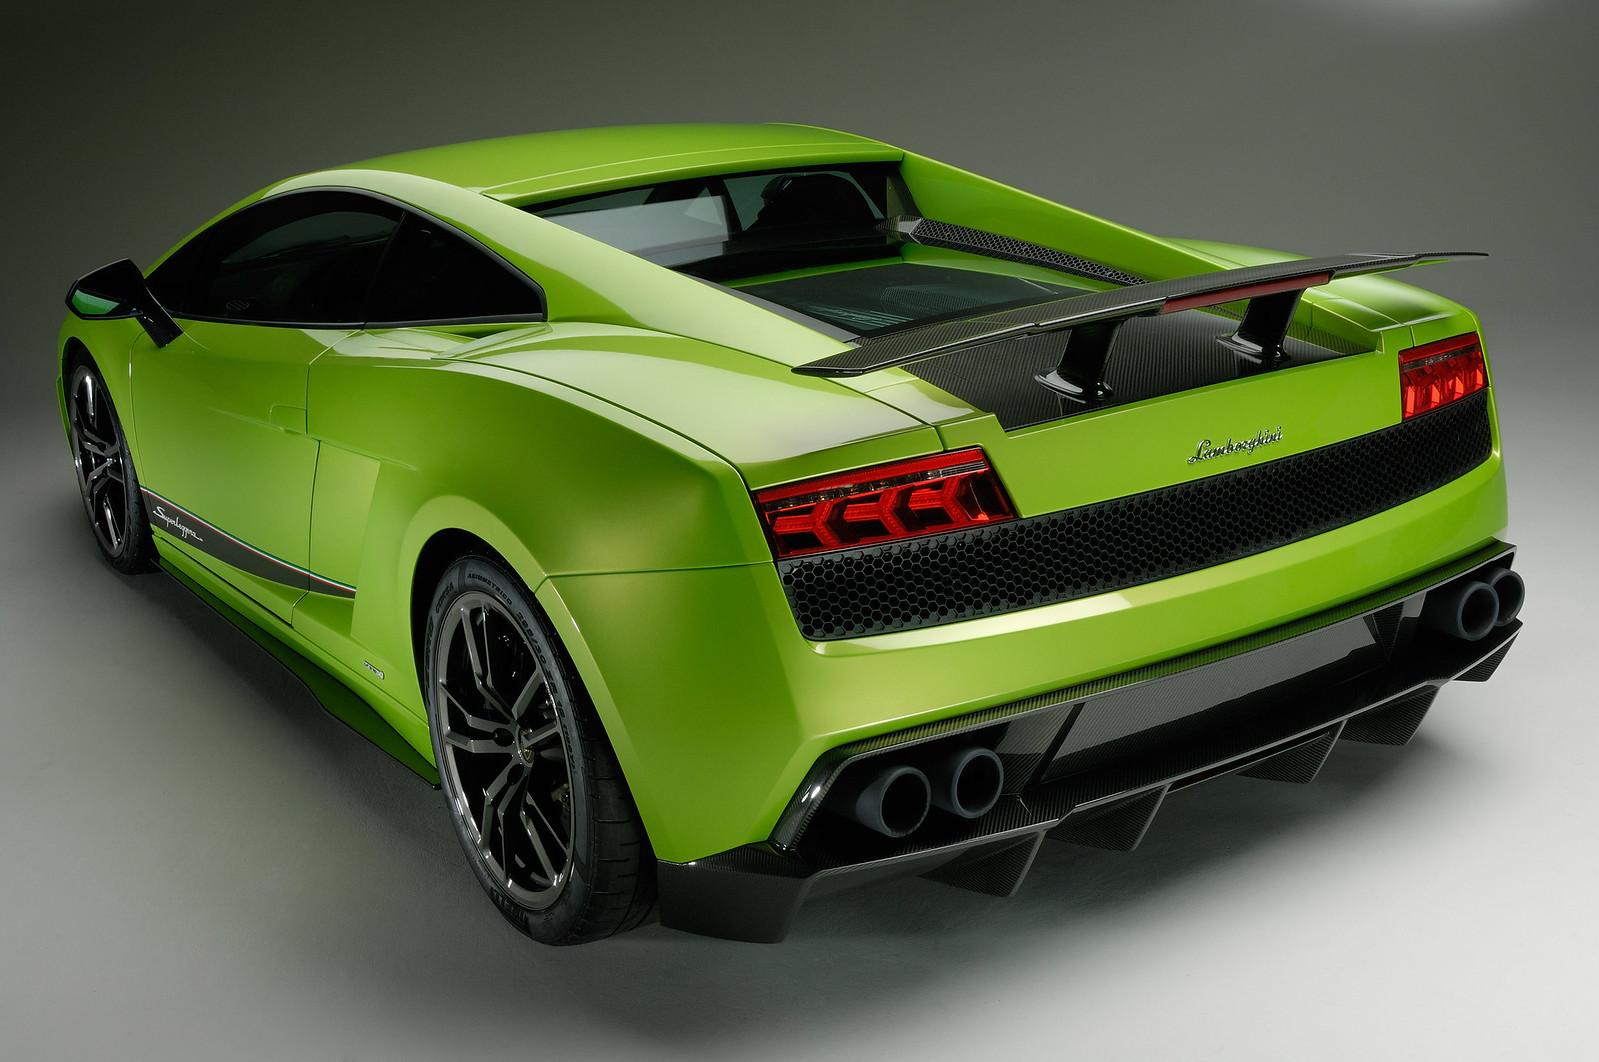 Фото: Lamborghini Gallardo LP570-4 Superleggera